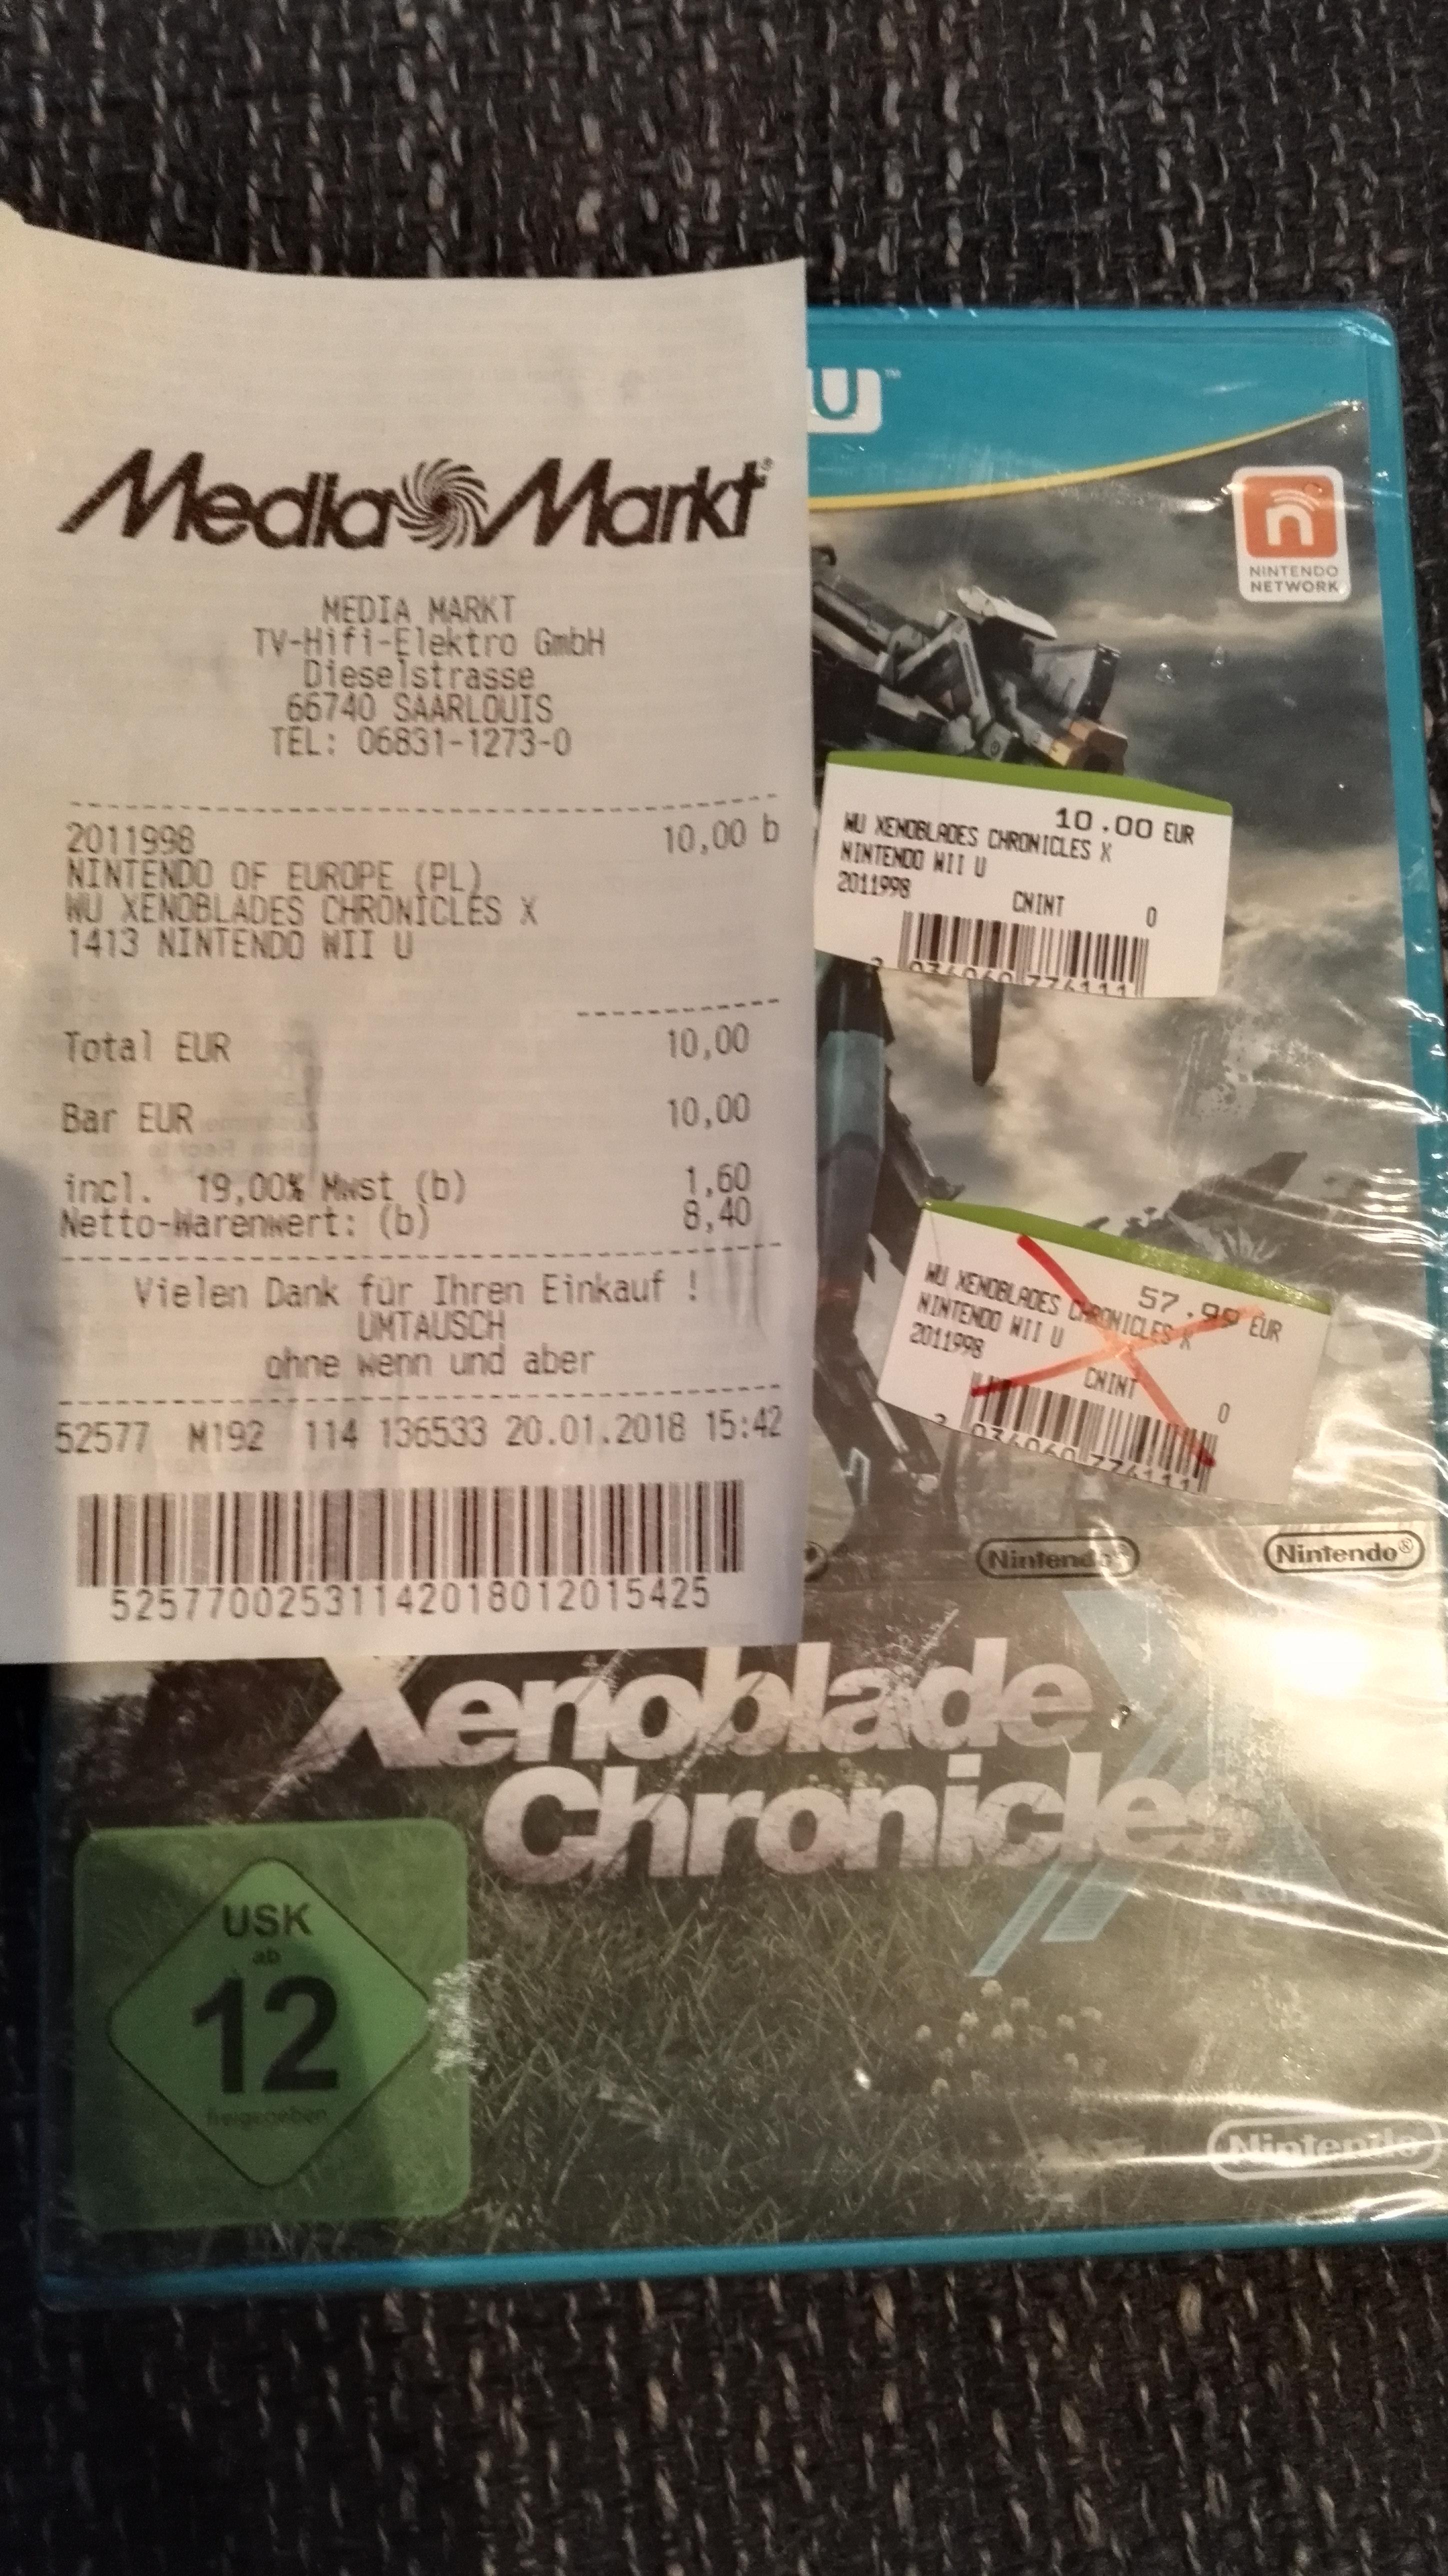 (Lokal Media Markt Saarlouis) Xenoblade Chronicles X ( WII U )